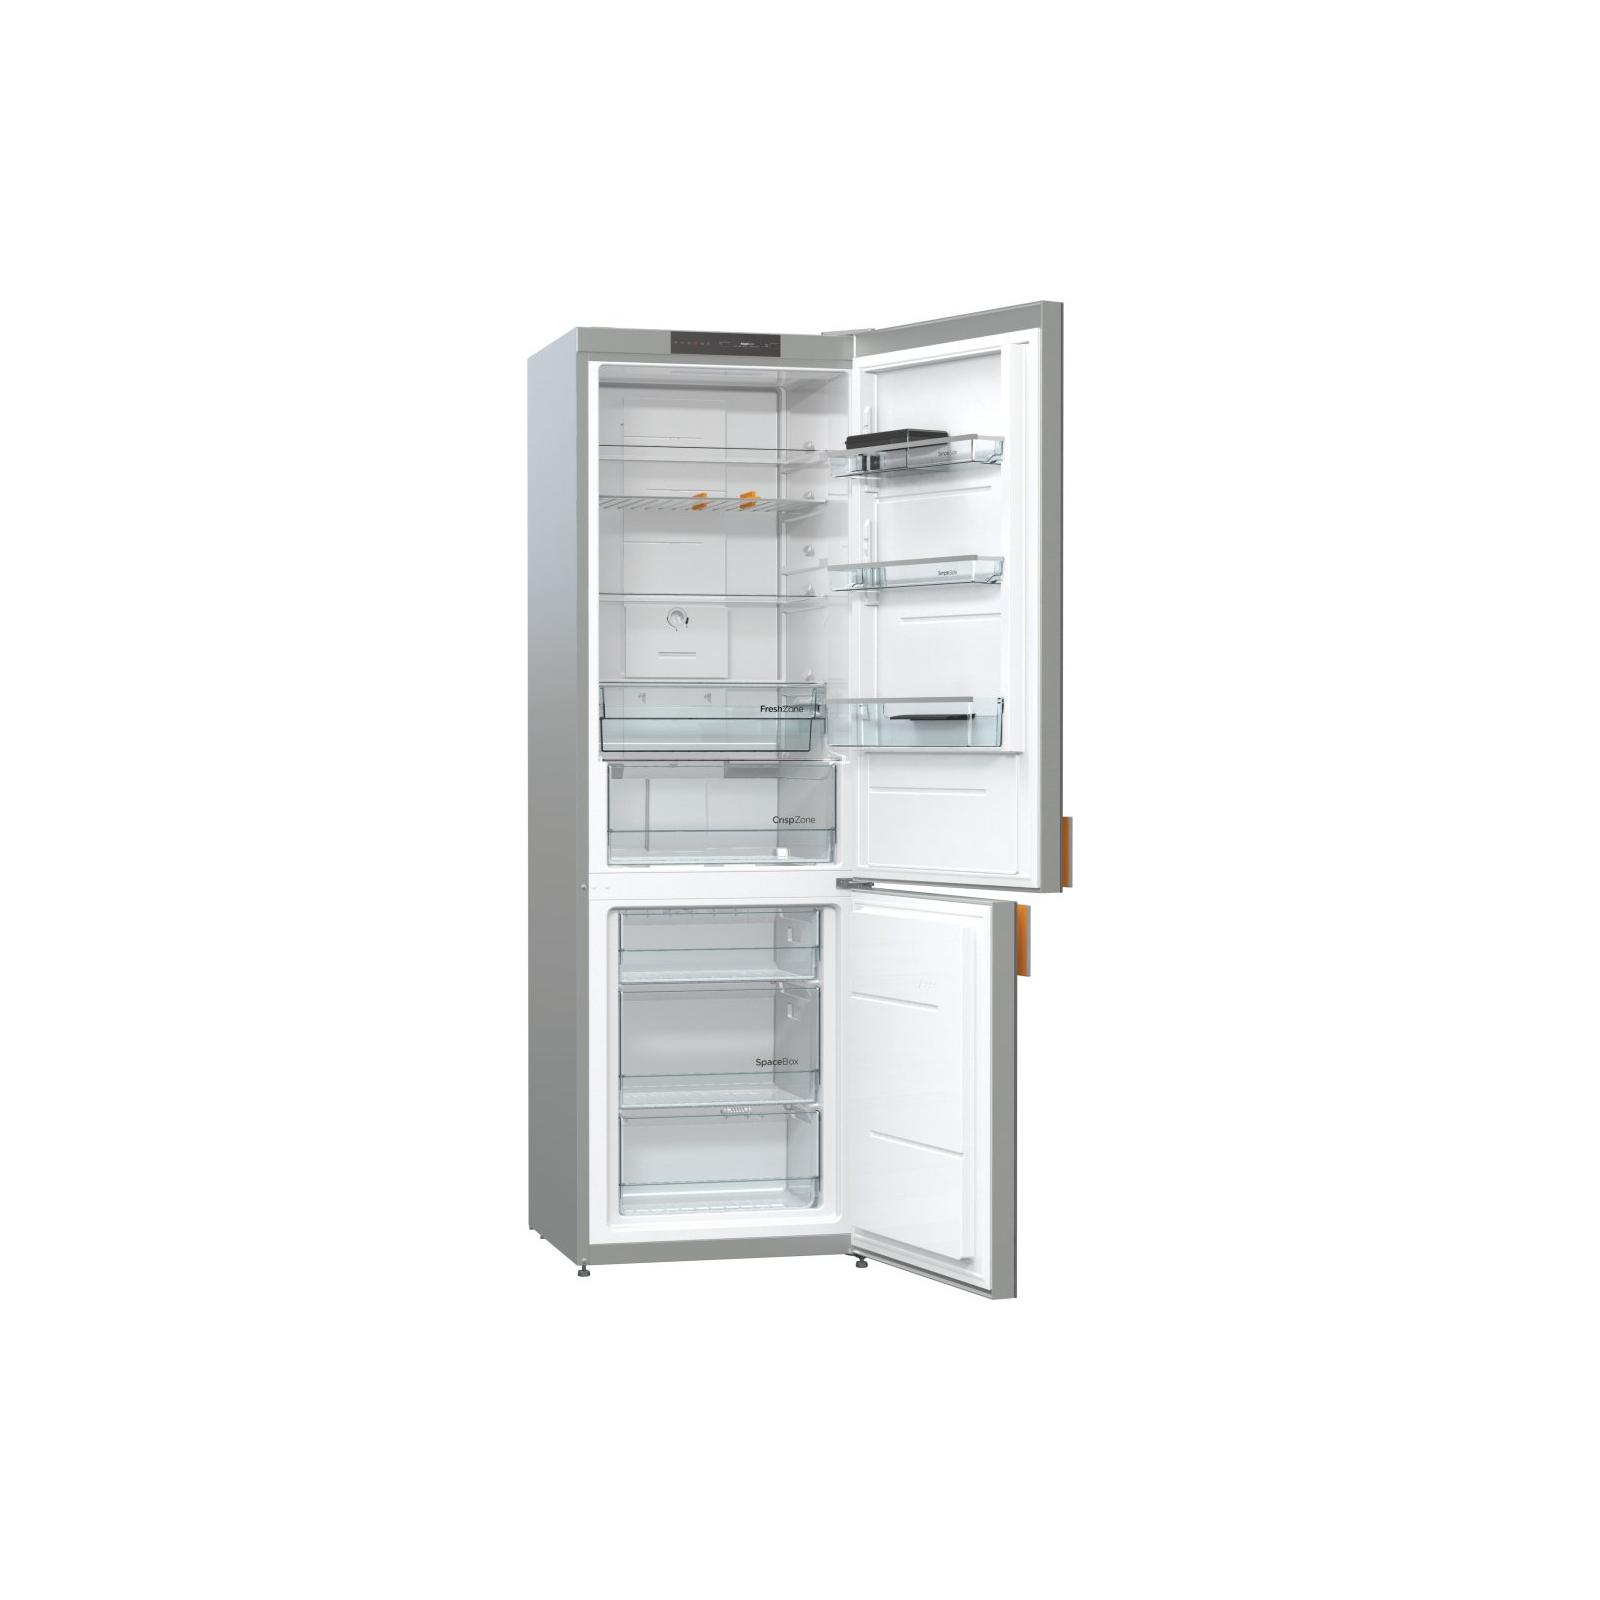 Холодильник Gorenje NRK612ST